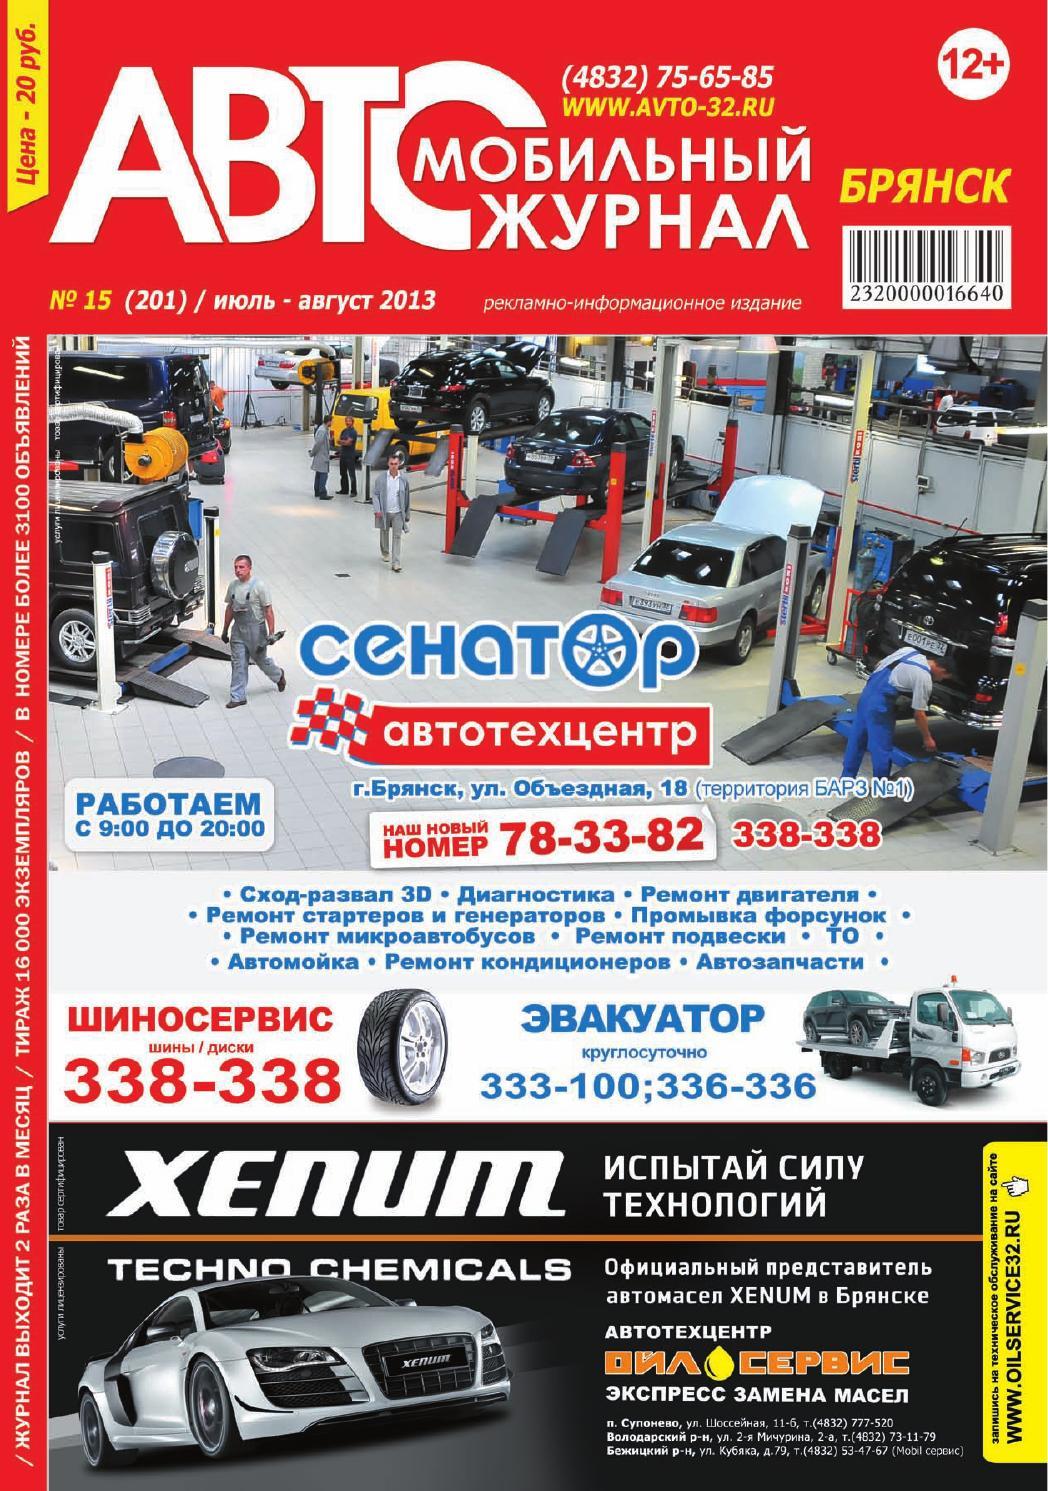 схема електрообладнаня автомобыля москвич 412 иж